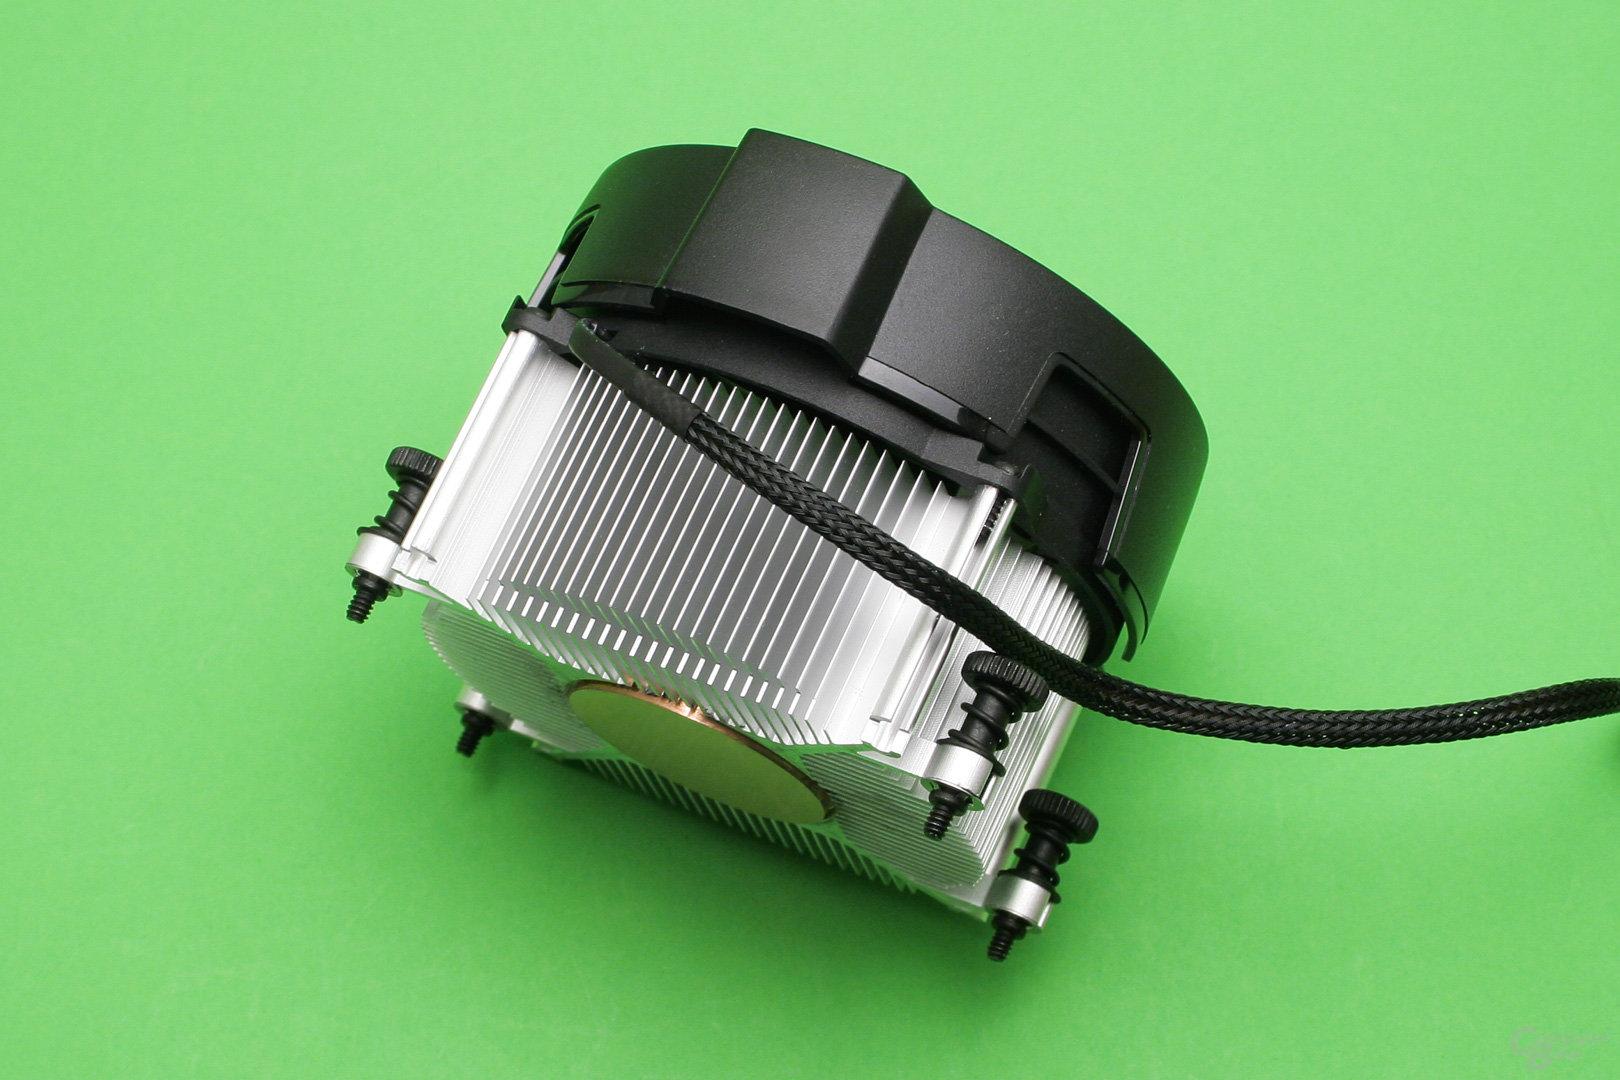 AMD Wraith Spire: Der kleinere Boxed-Kühler hat keine Heatpipes